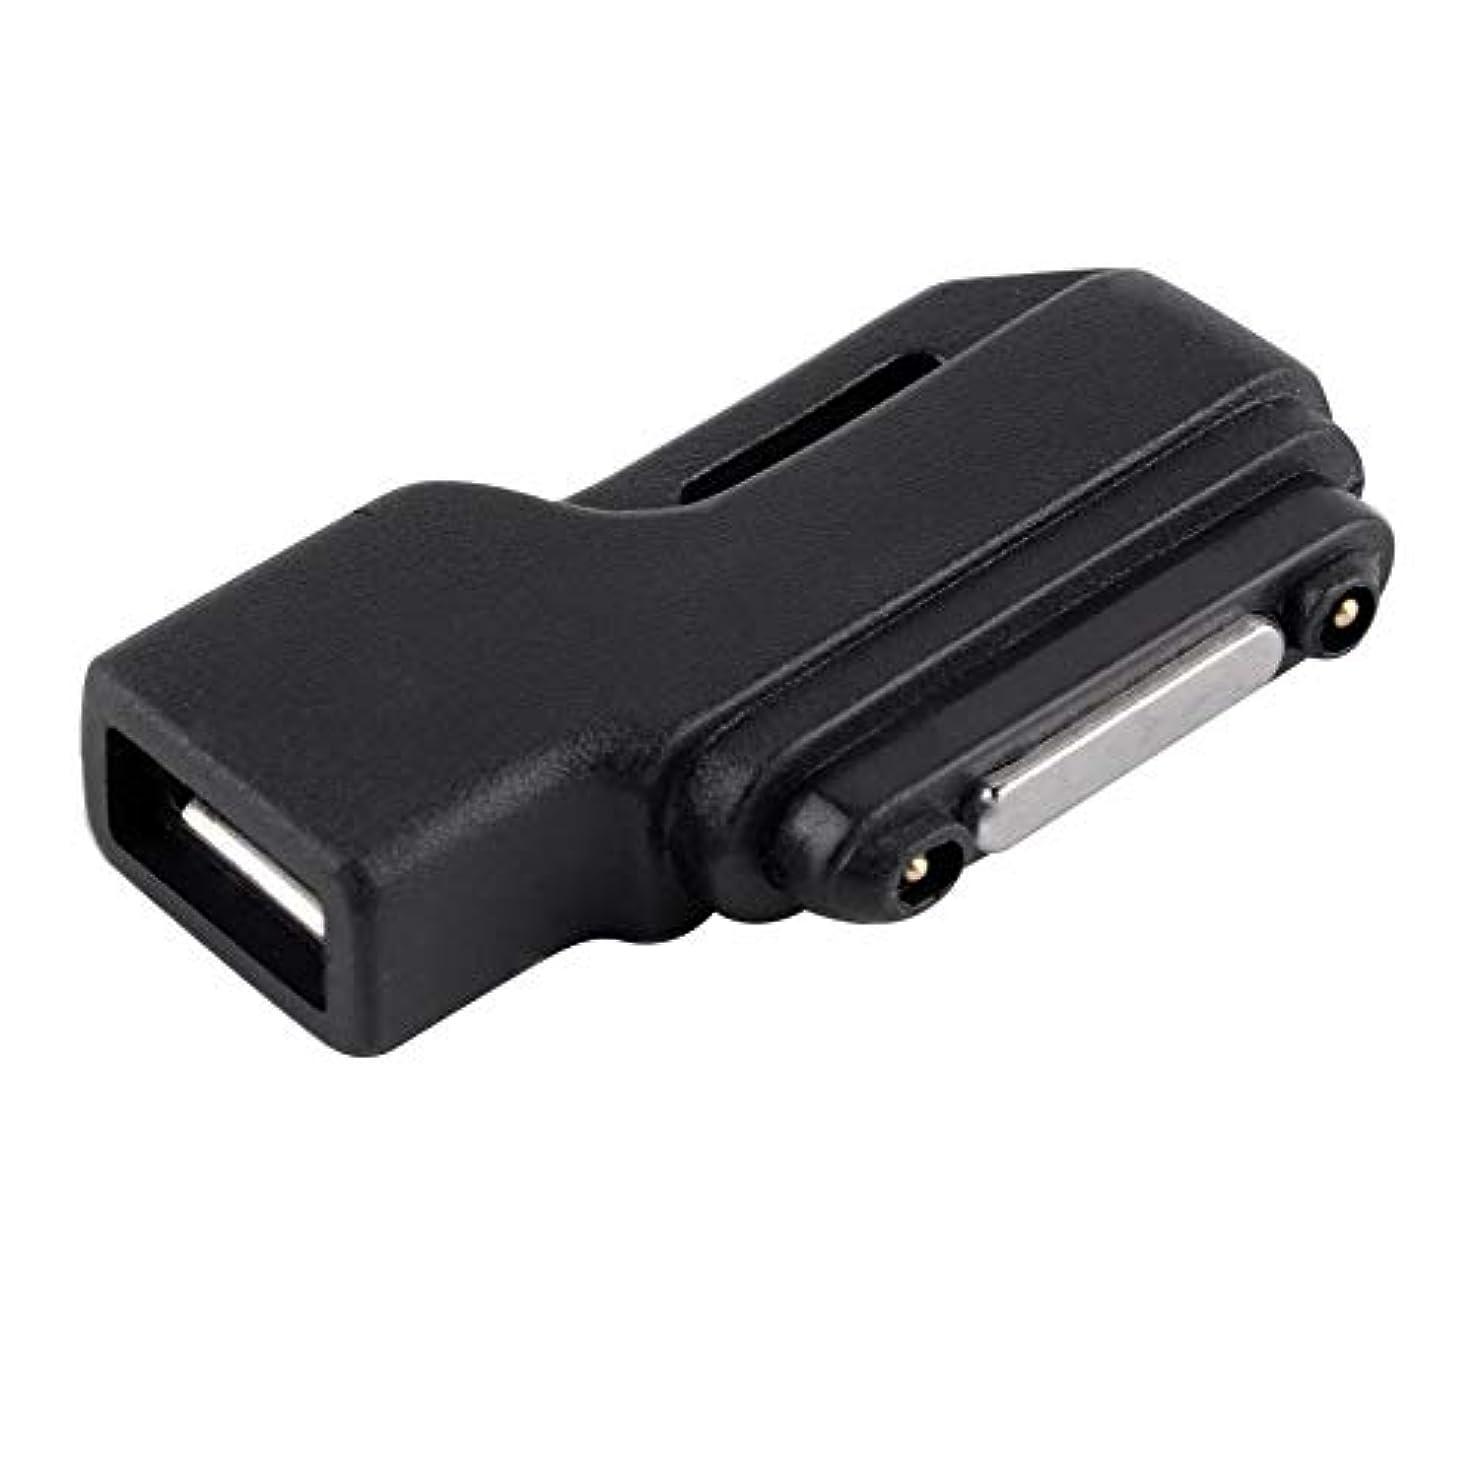 想像する者時間とともにソニーのXperia Z1 / Z2 / Z3の携帯用軽量の便利なキャリーのための磁気充満充電器のドックのアダプターへのマイクロUSB - 黒